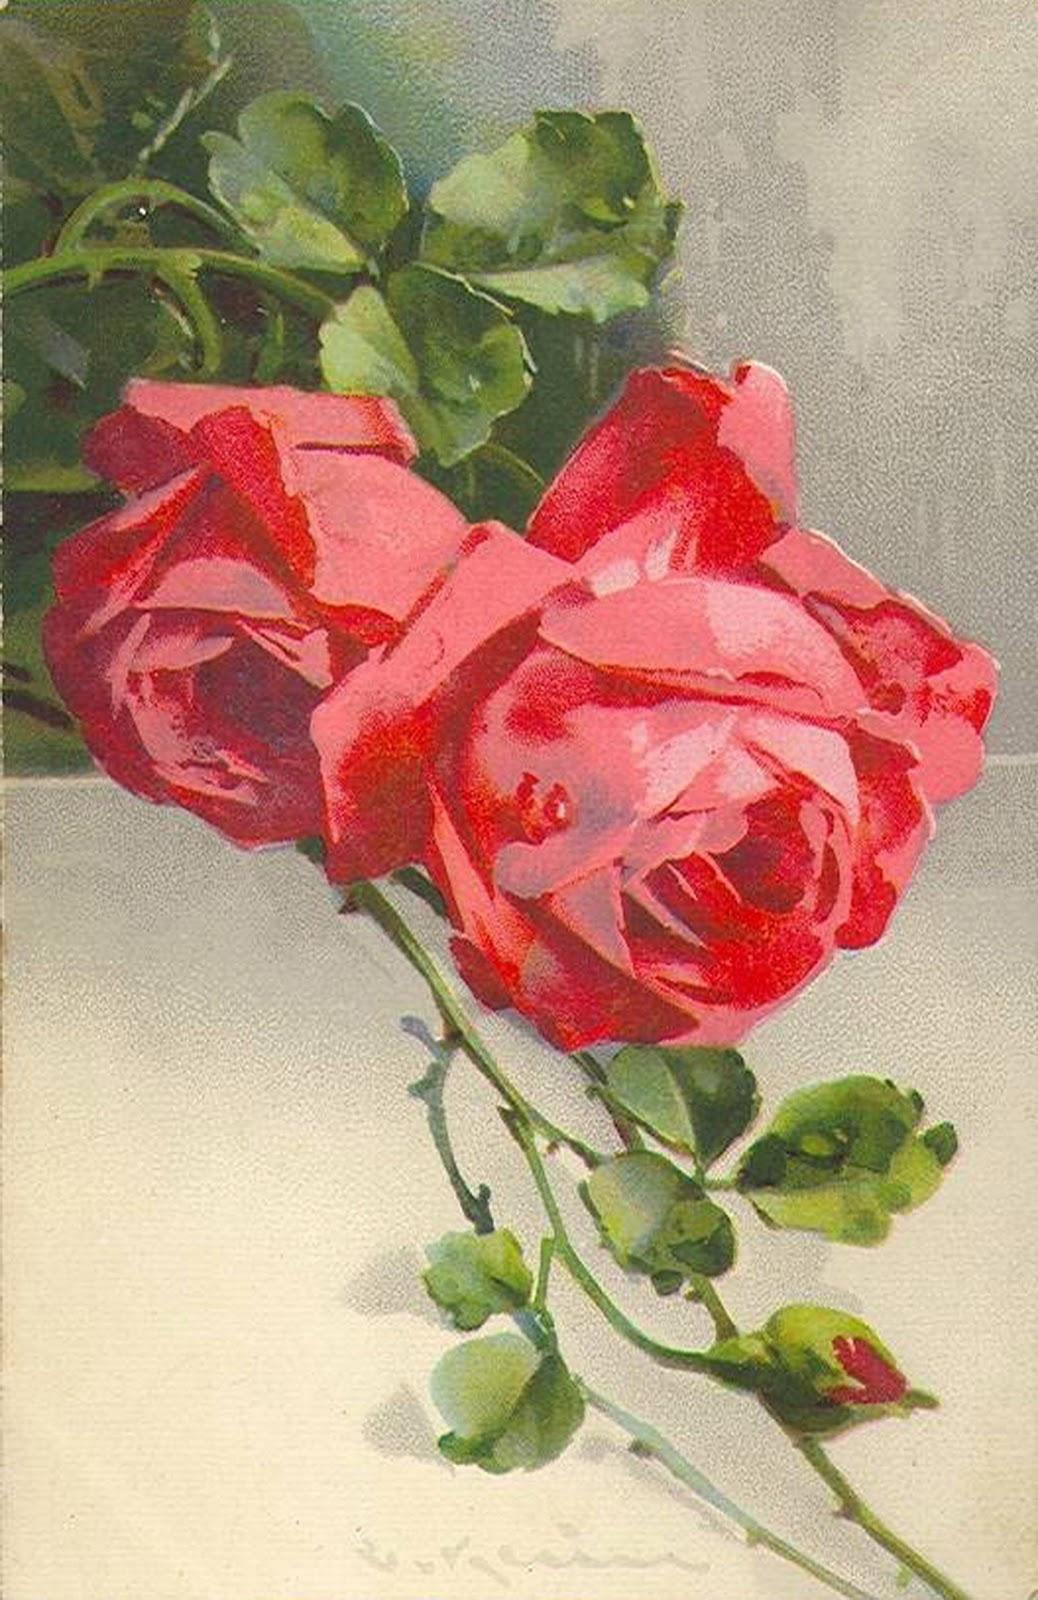 Картинка с розой для тебя - Цветы анимация 81